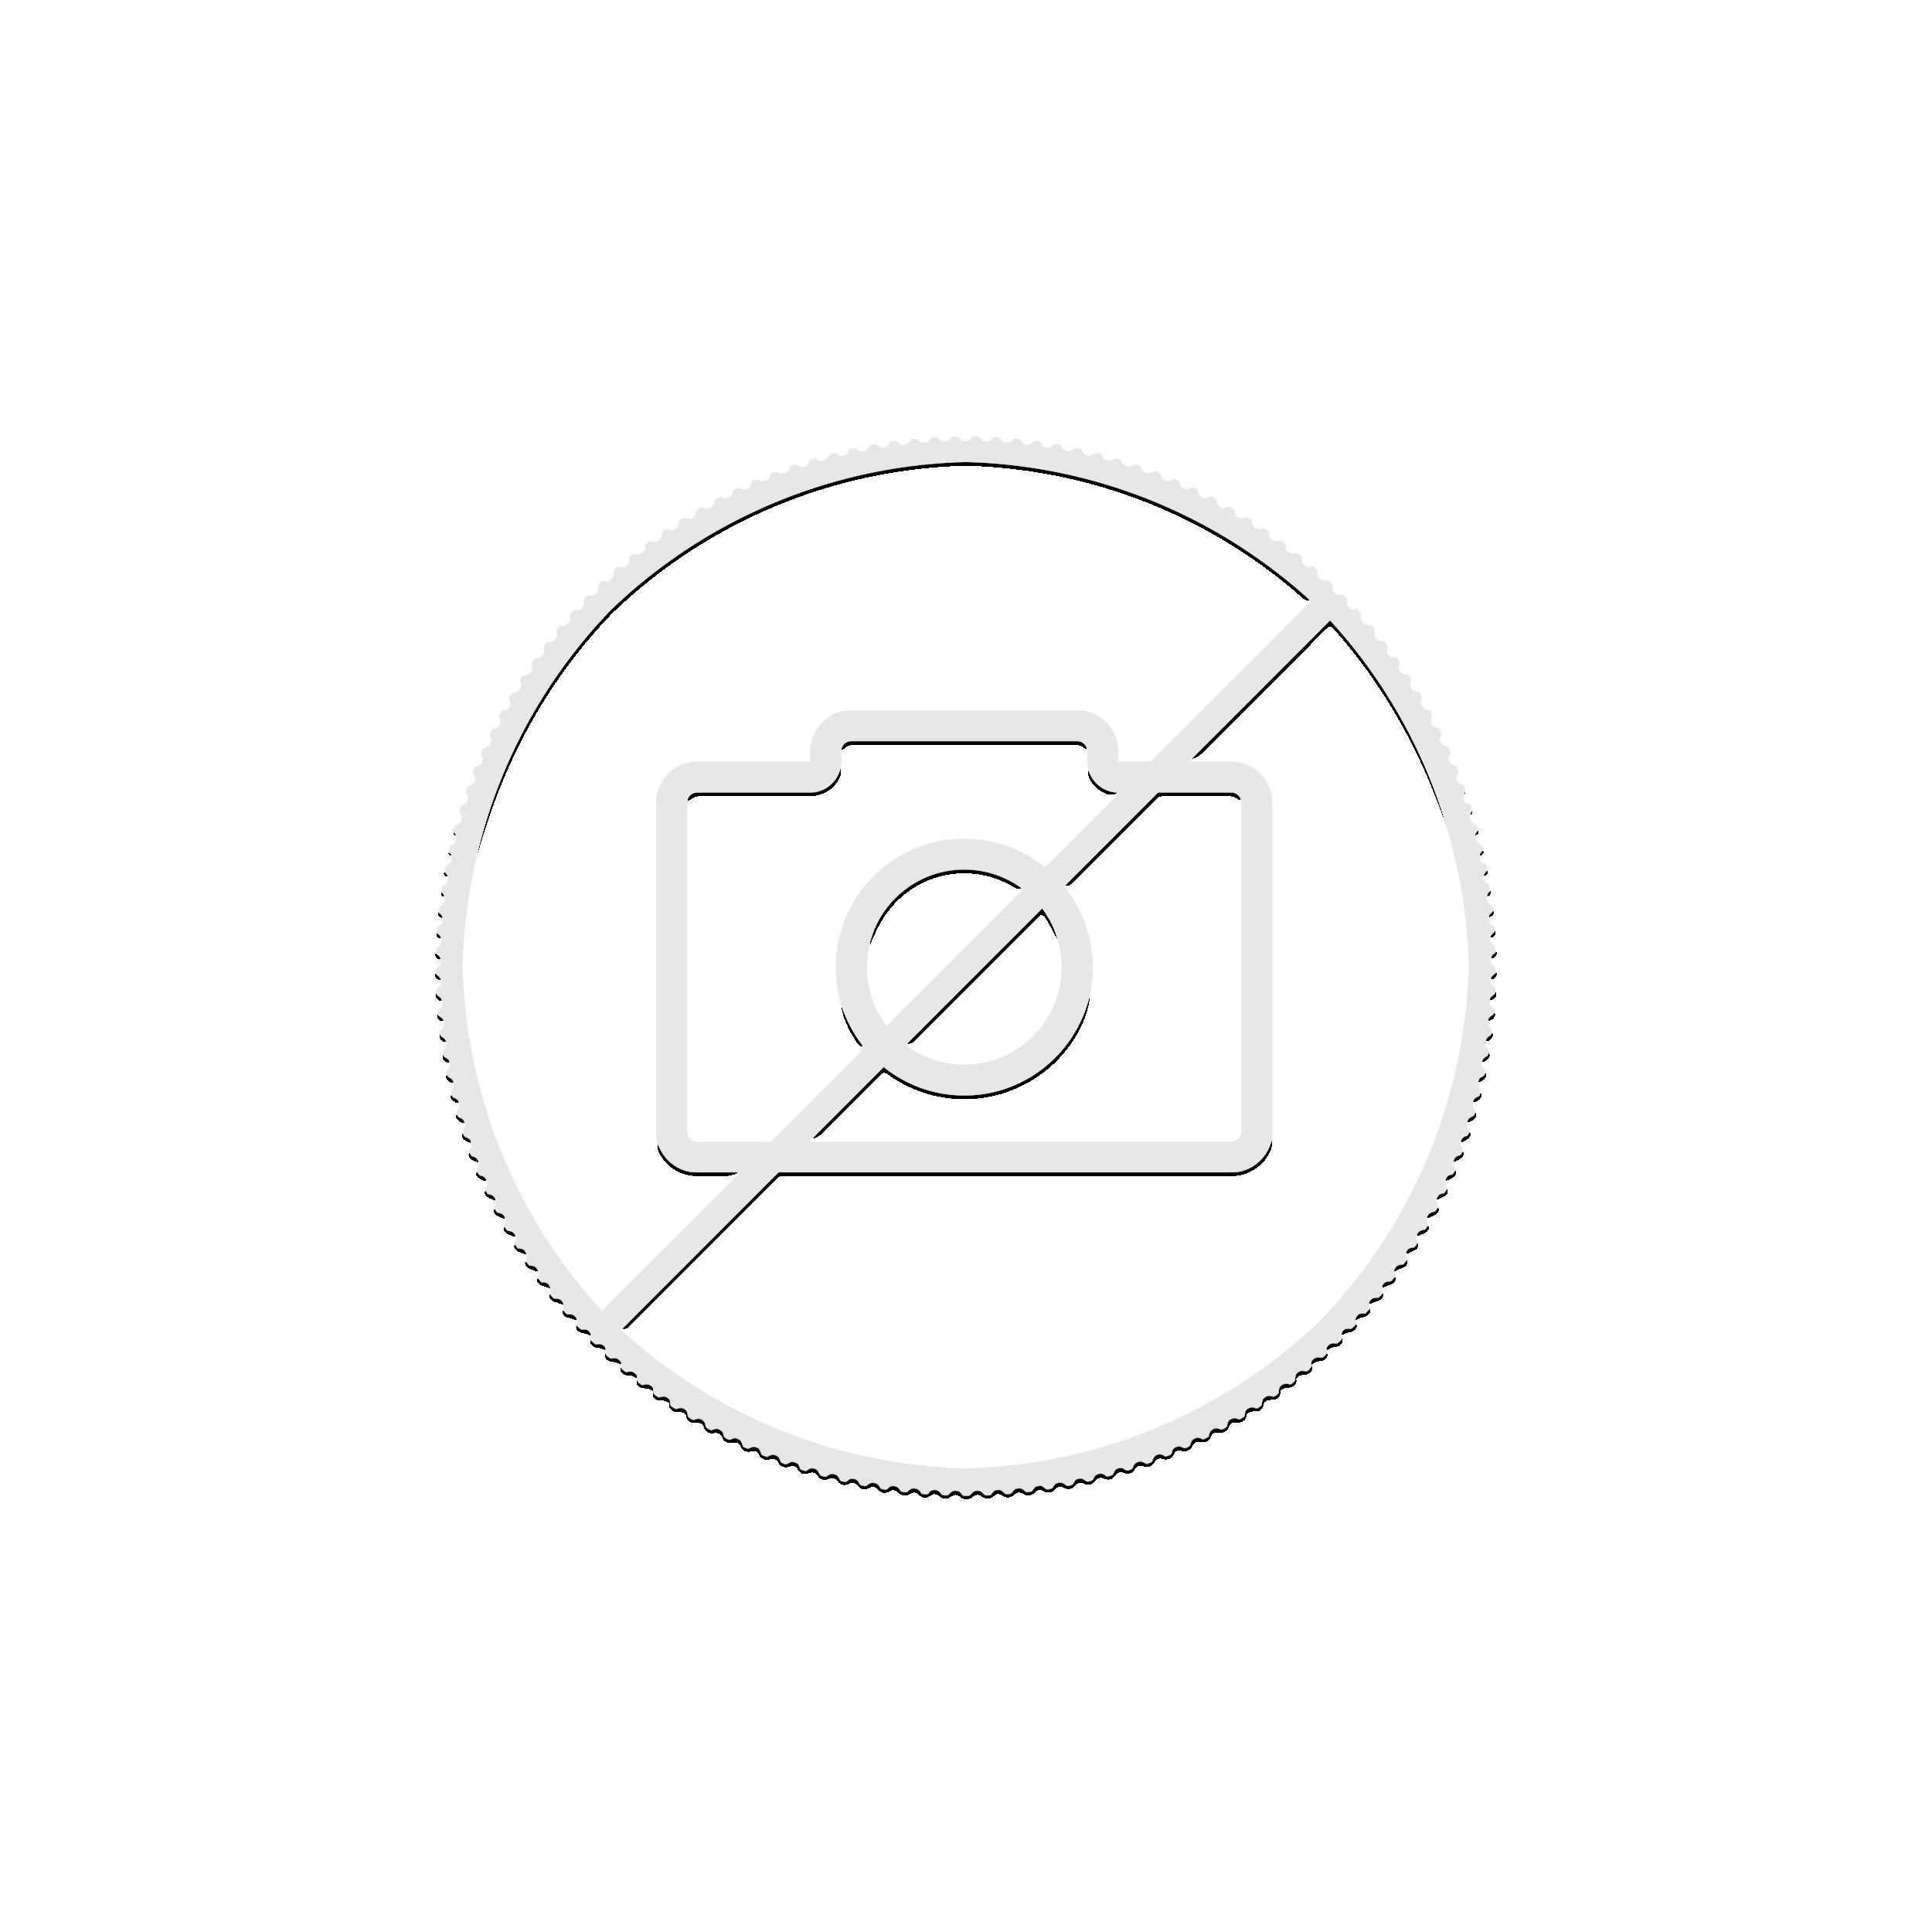 10 troy ounce silver Kookaburra coin 2014